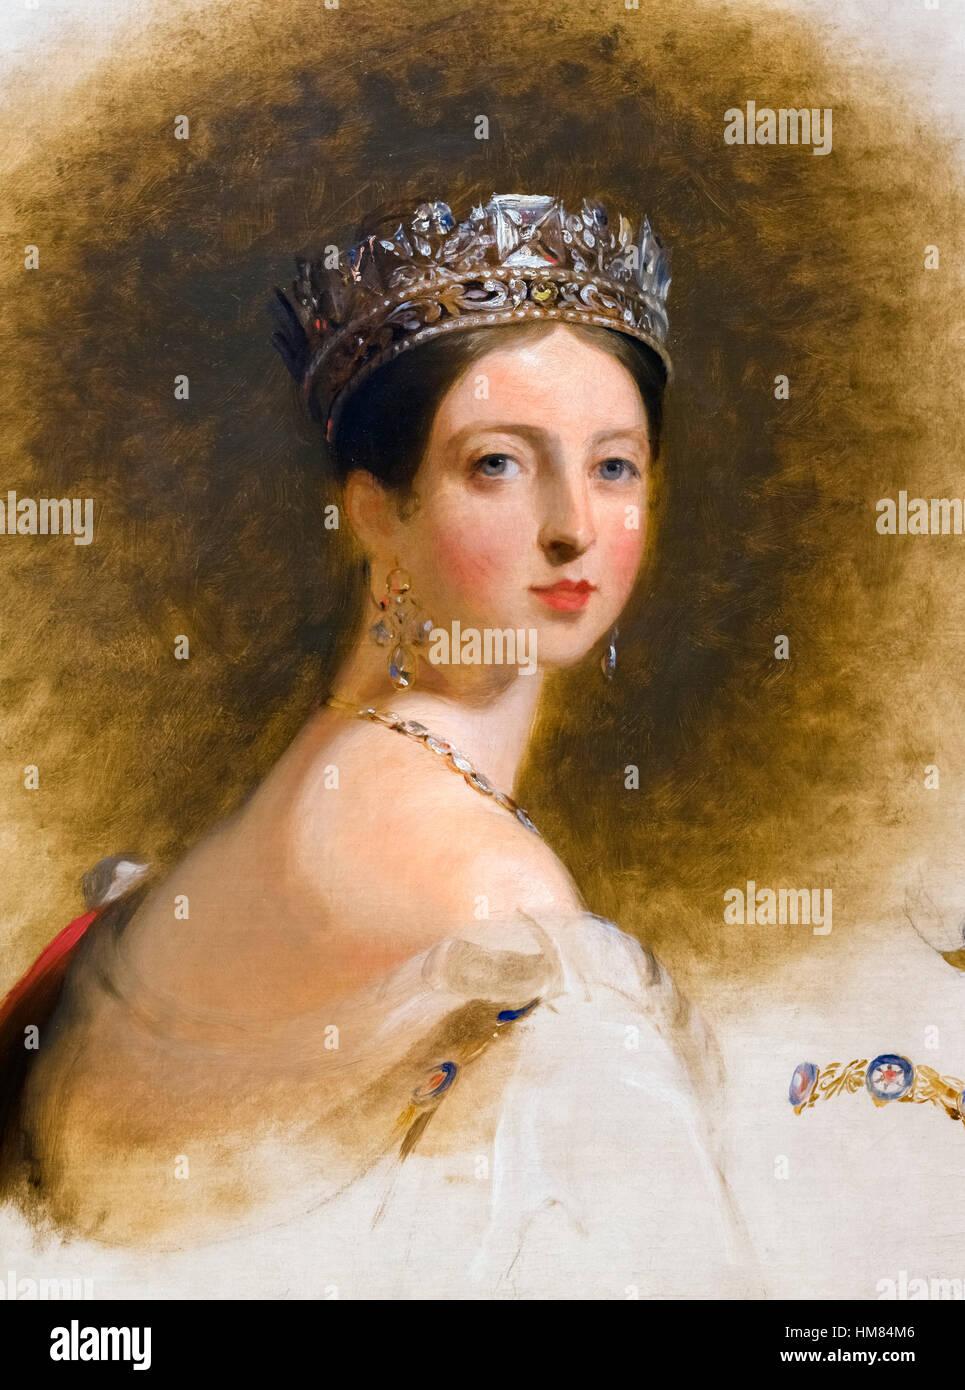 La reine Victoria par Thomas Sully, huile sur toile, 1838. Photo Stock